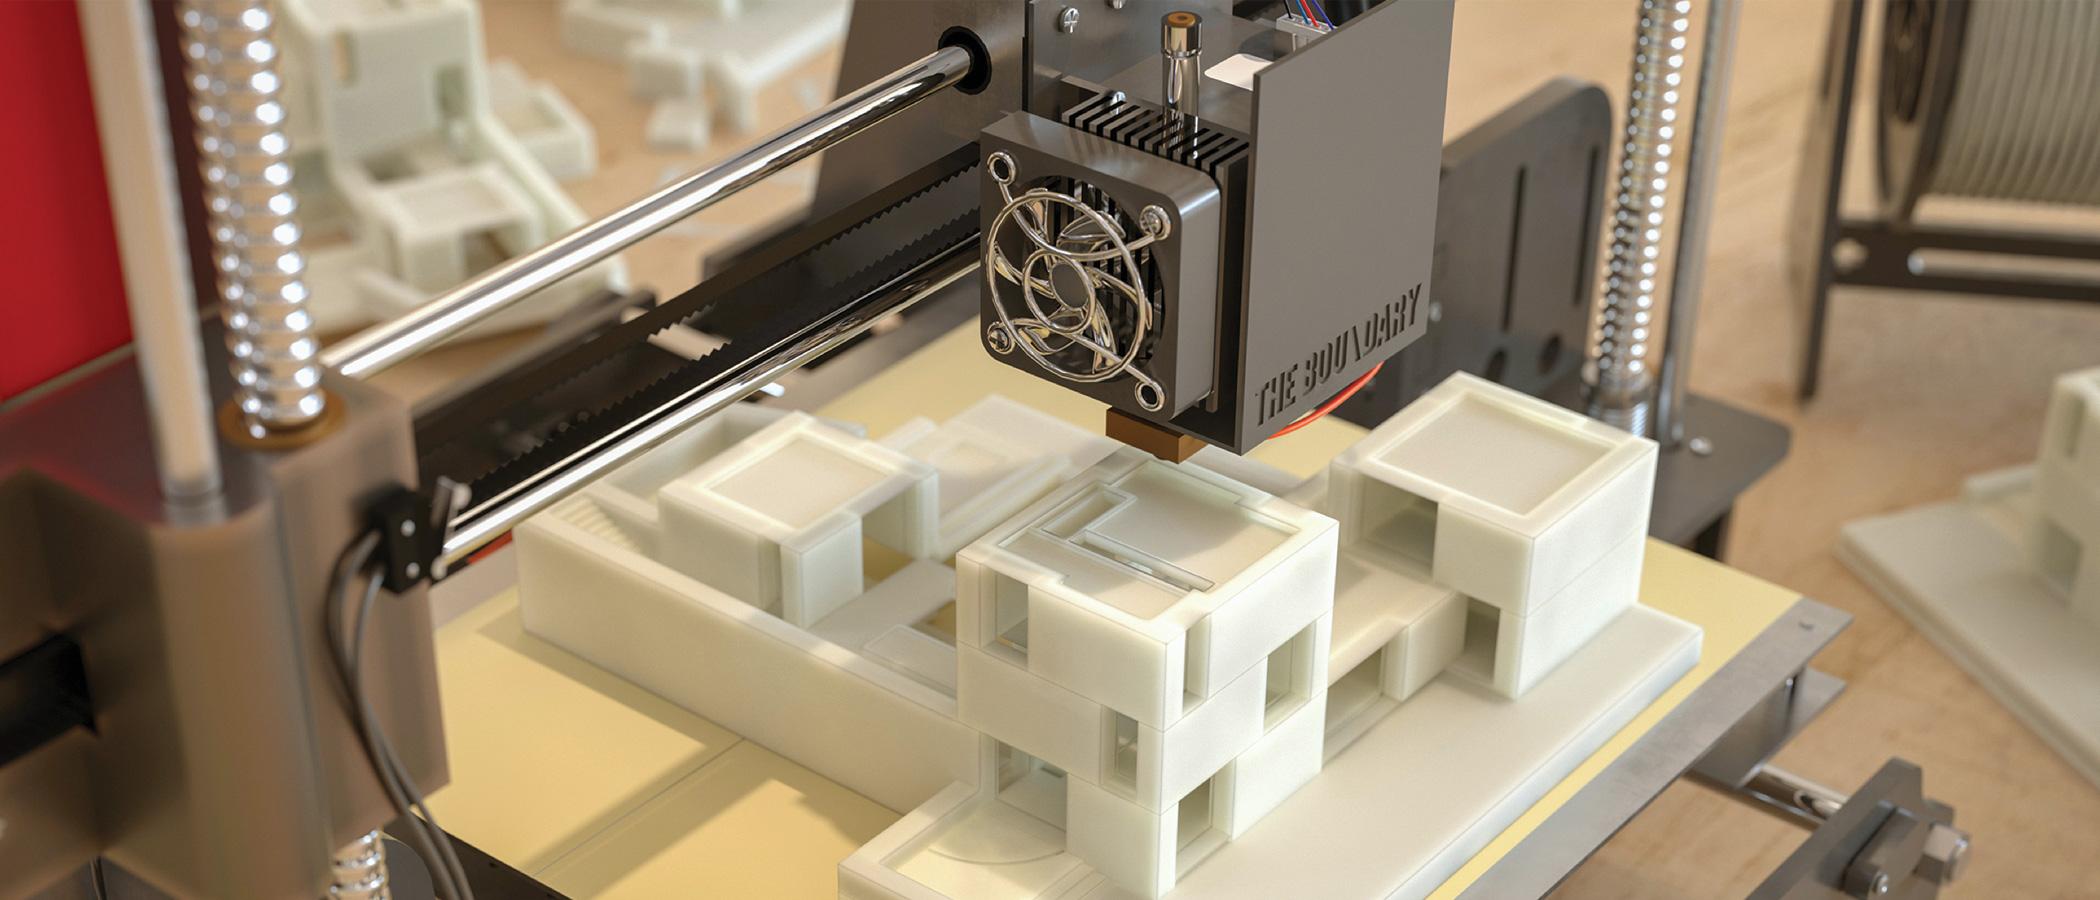 Oprogramowanie do drukowania 3D   Drukuj w 3D ze SketchUp